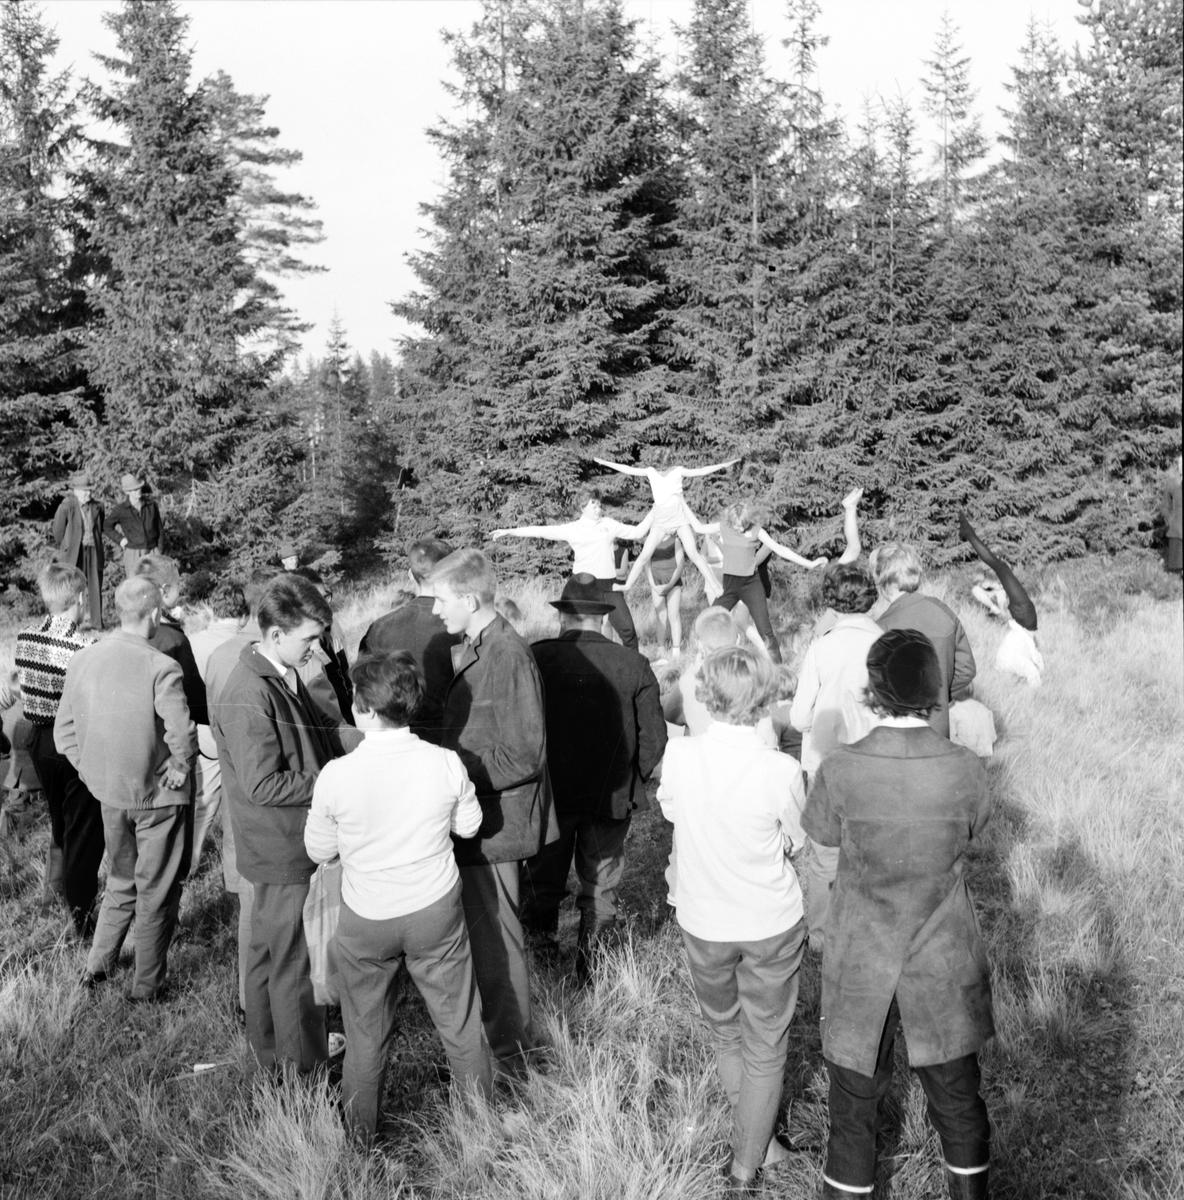 Alfta frisksportklubbs invigning av Malvikstugan. 6/10-1962